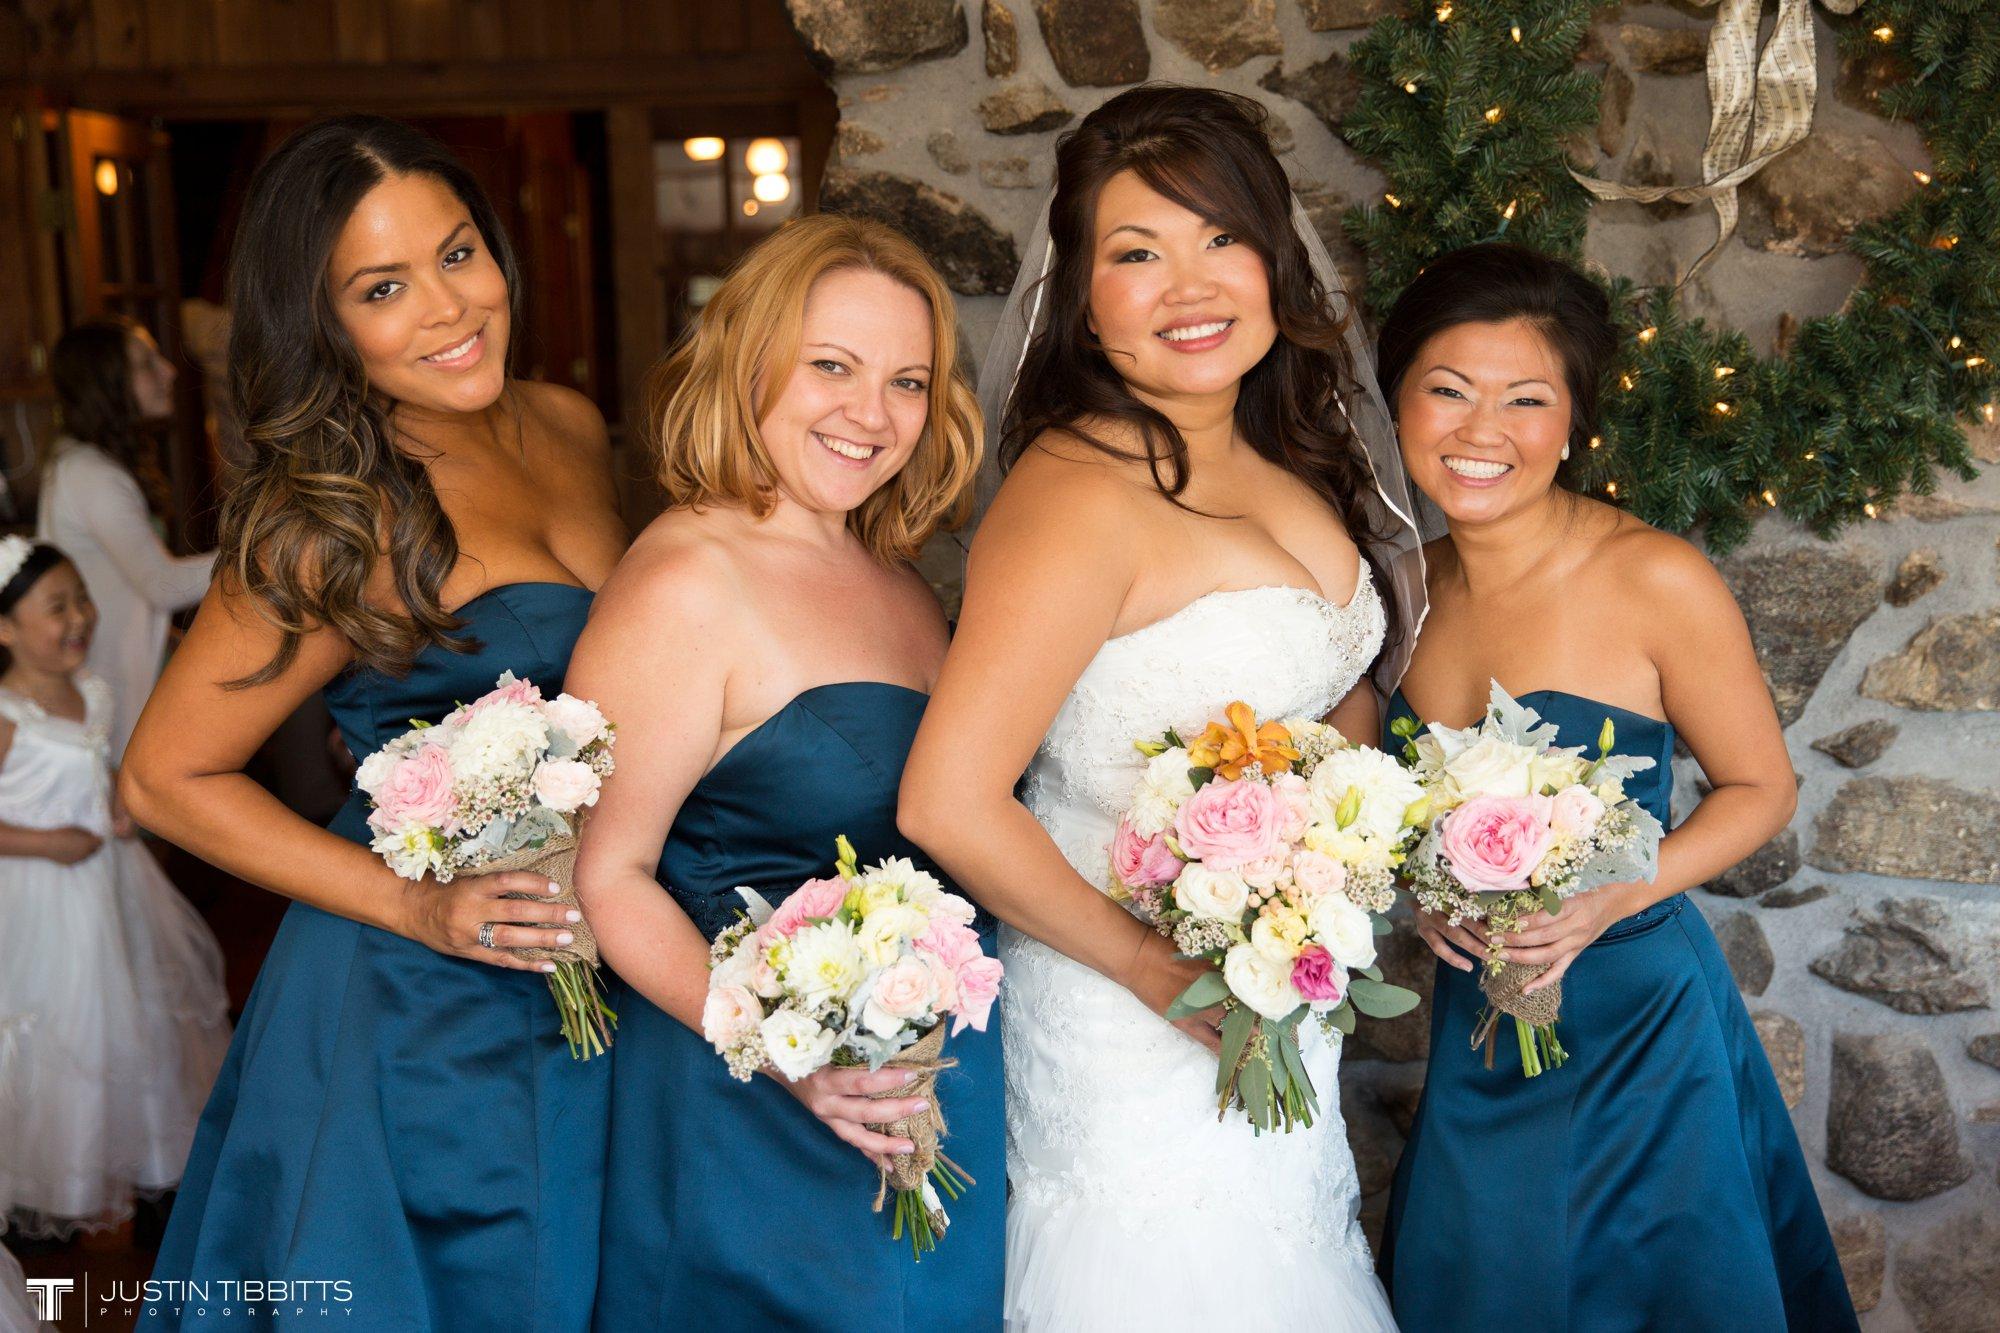 Albany NY Wedding Photographer Justin Tibbitts Photography 2014 Best of Albany NY Weddings-33980136